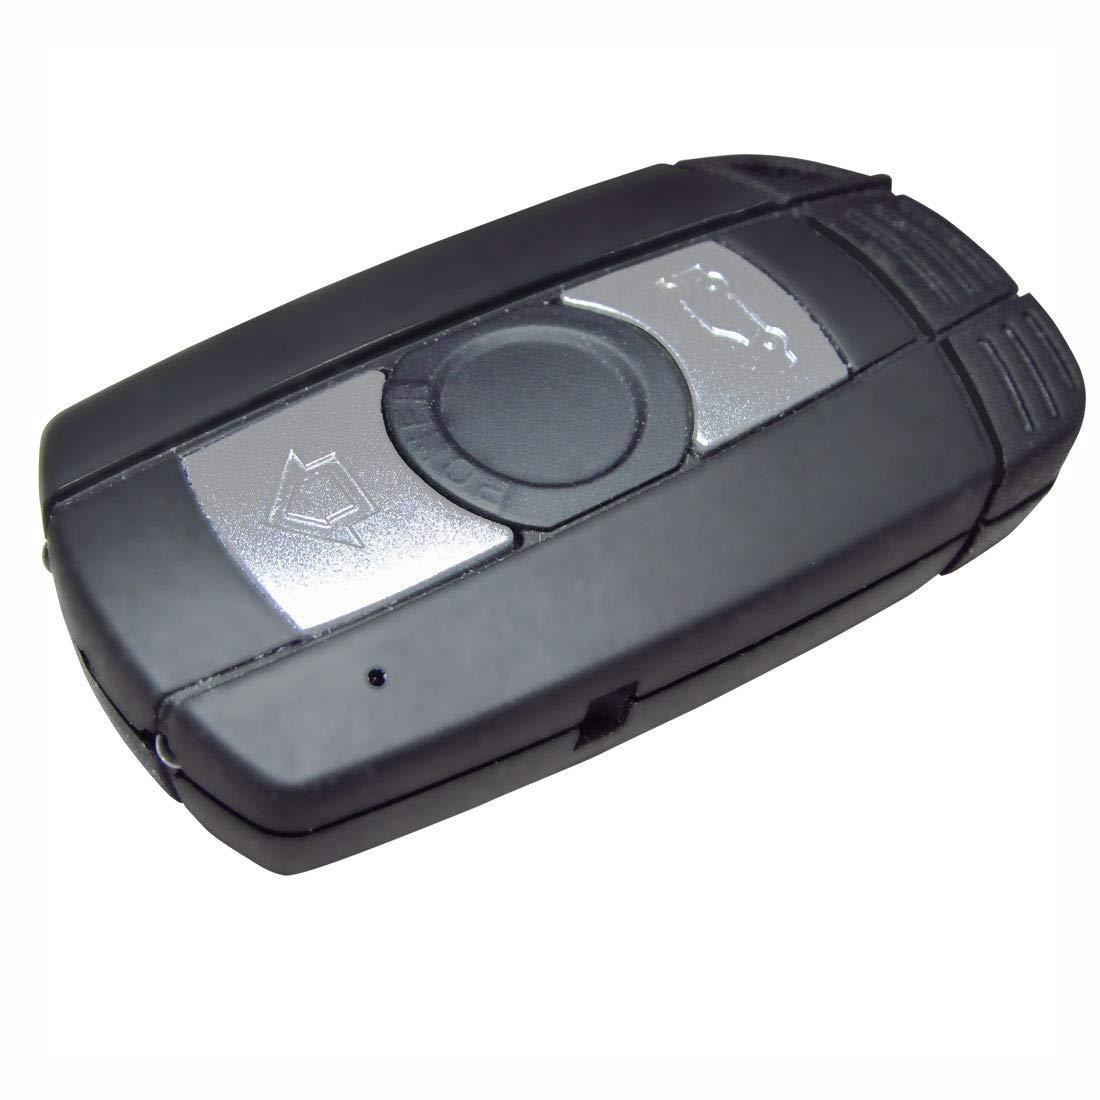 【2018?新作】 プロが選ぶ!実用性証拠収集力抜群 スパイカメラ!動体検知 スパイカメラ キーレス型ビデオカメラ B00EYZN0IG B00EYZN0IG, ピックアップマート:9f44c15b --- a0267596.xsph.ru